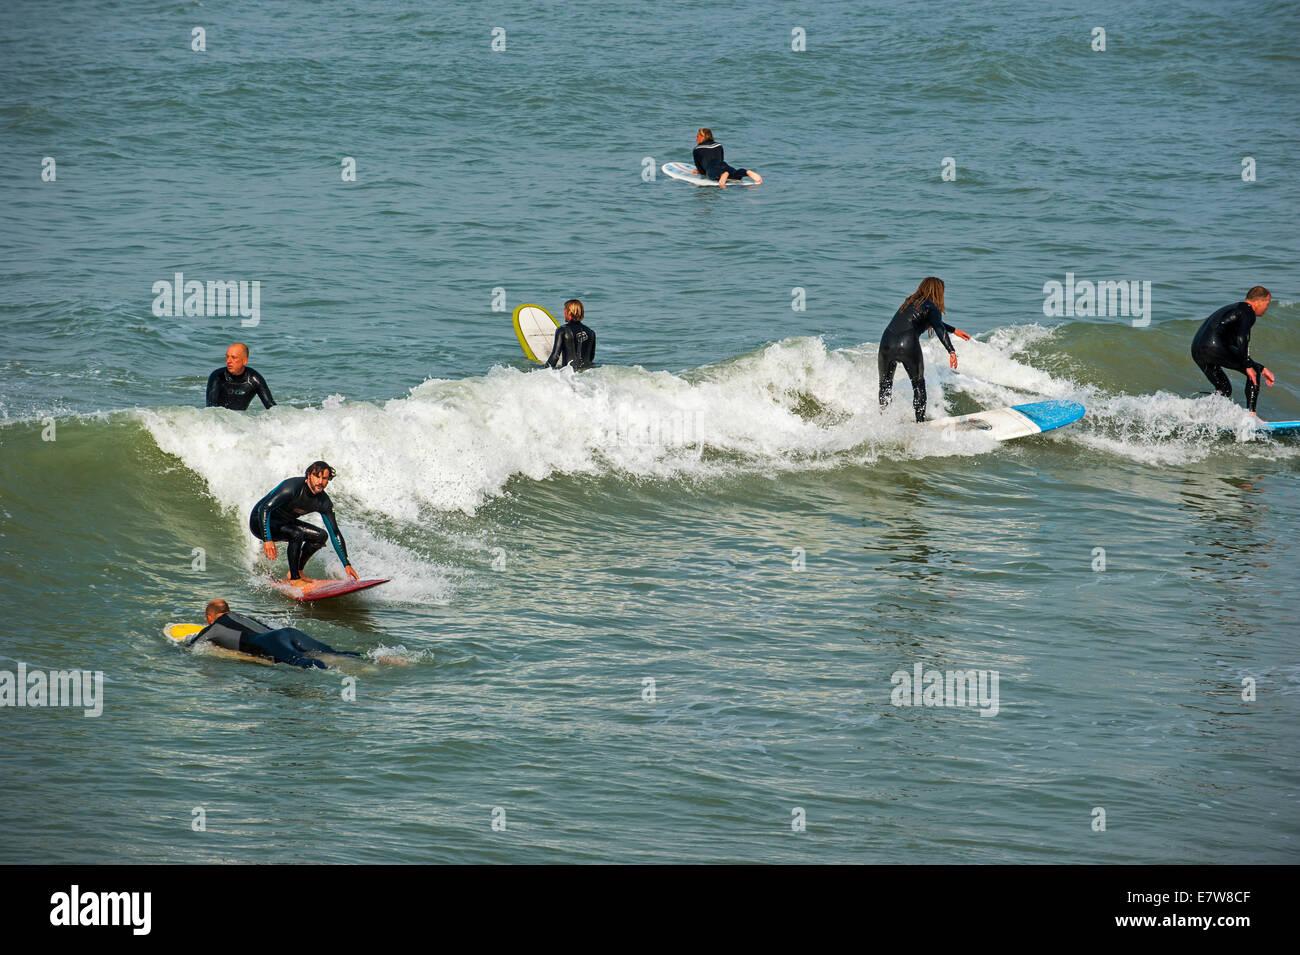 Mittleren Alters Surfer in Neoprenanzüge auf Welle auf Surfboards, wie es auf dem Meer bricht Stockbild